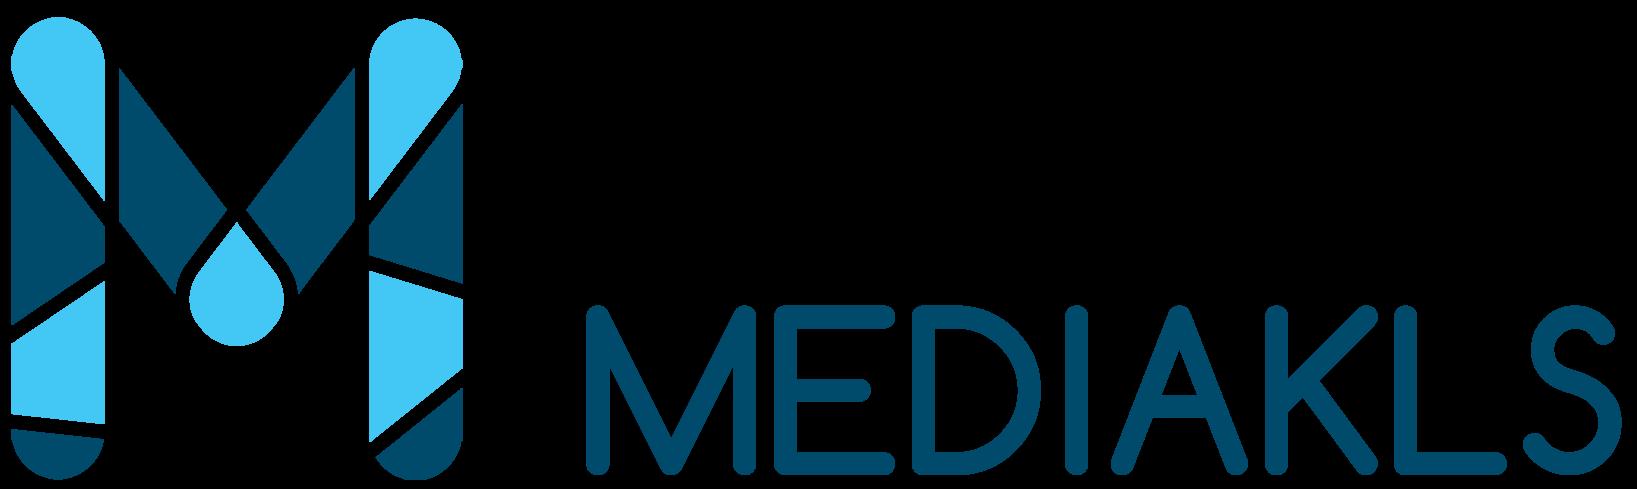 Mediakls - Logo Mediakls